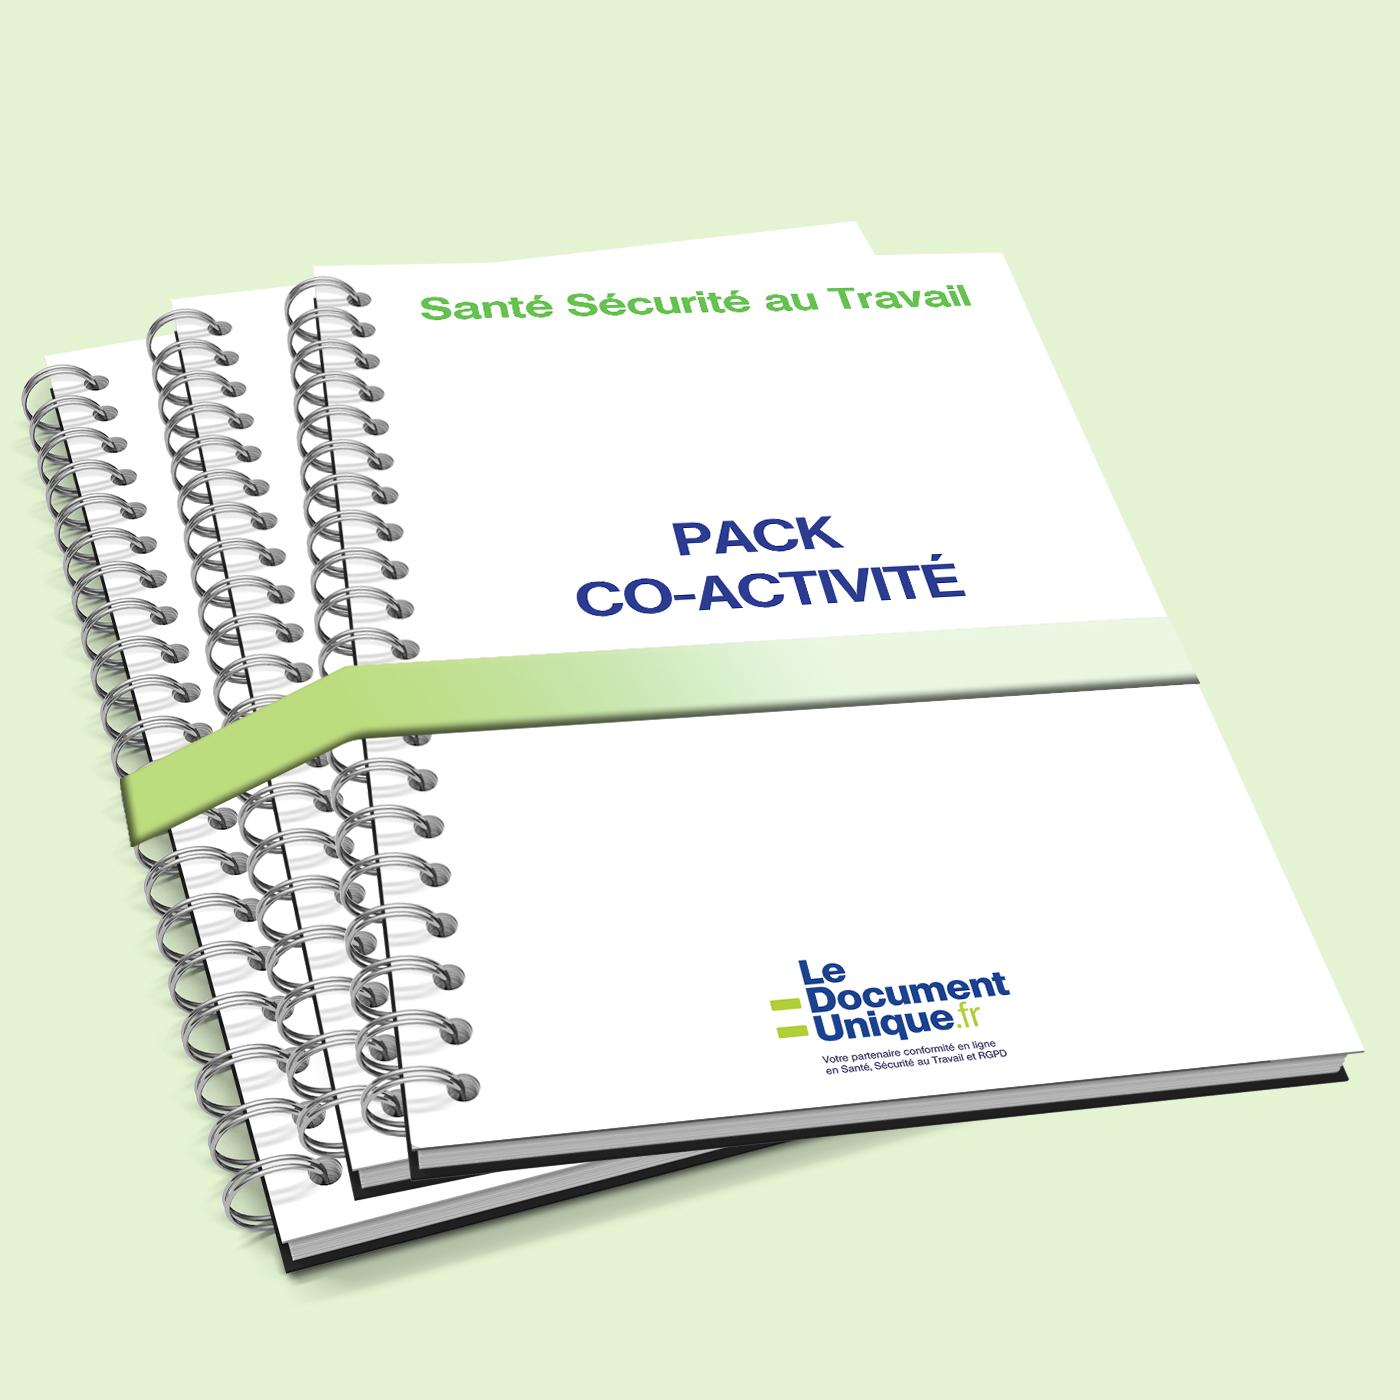 Pack co-activité pour les entreprises